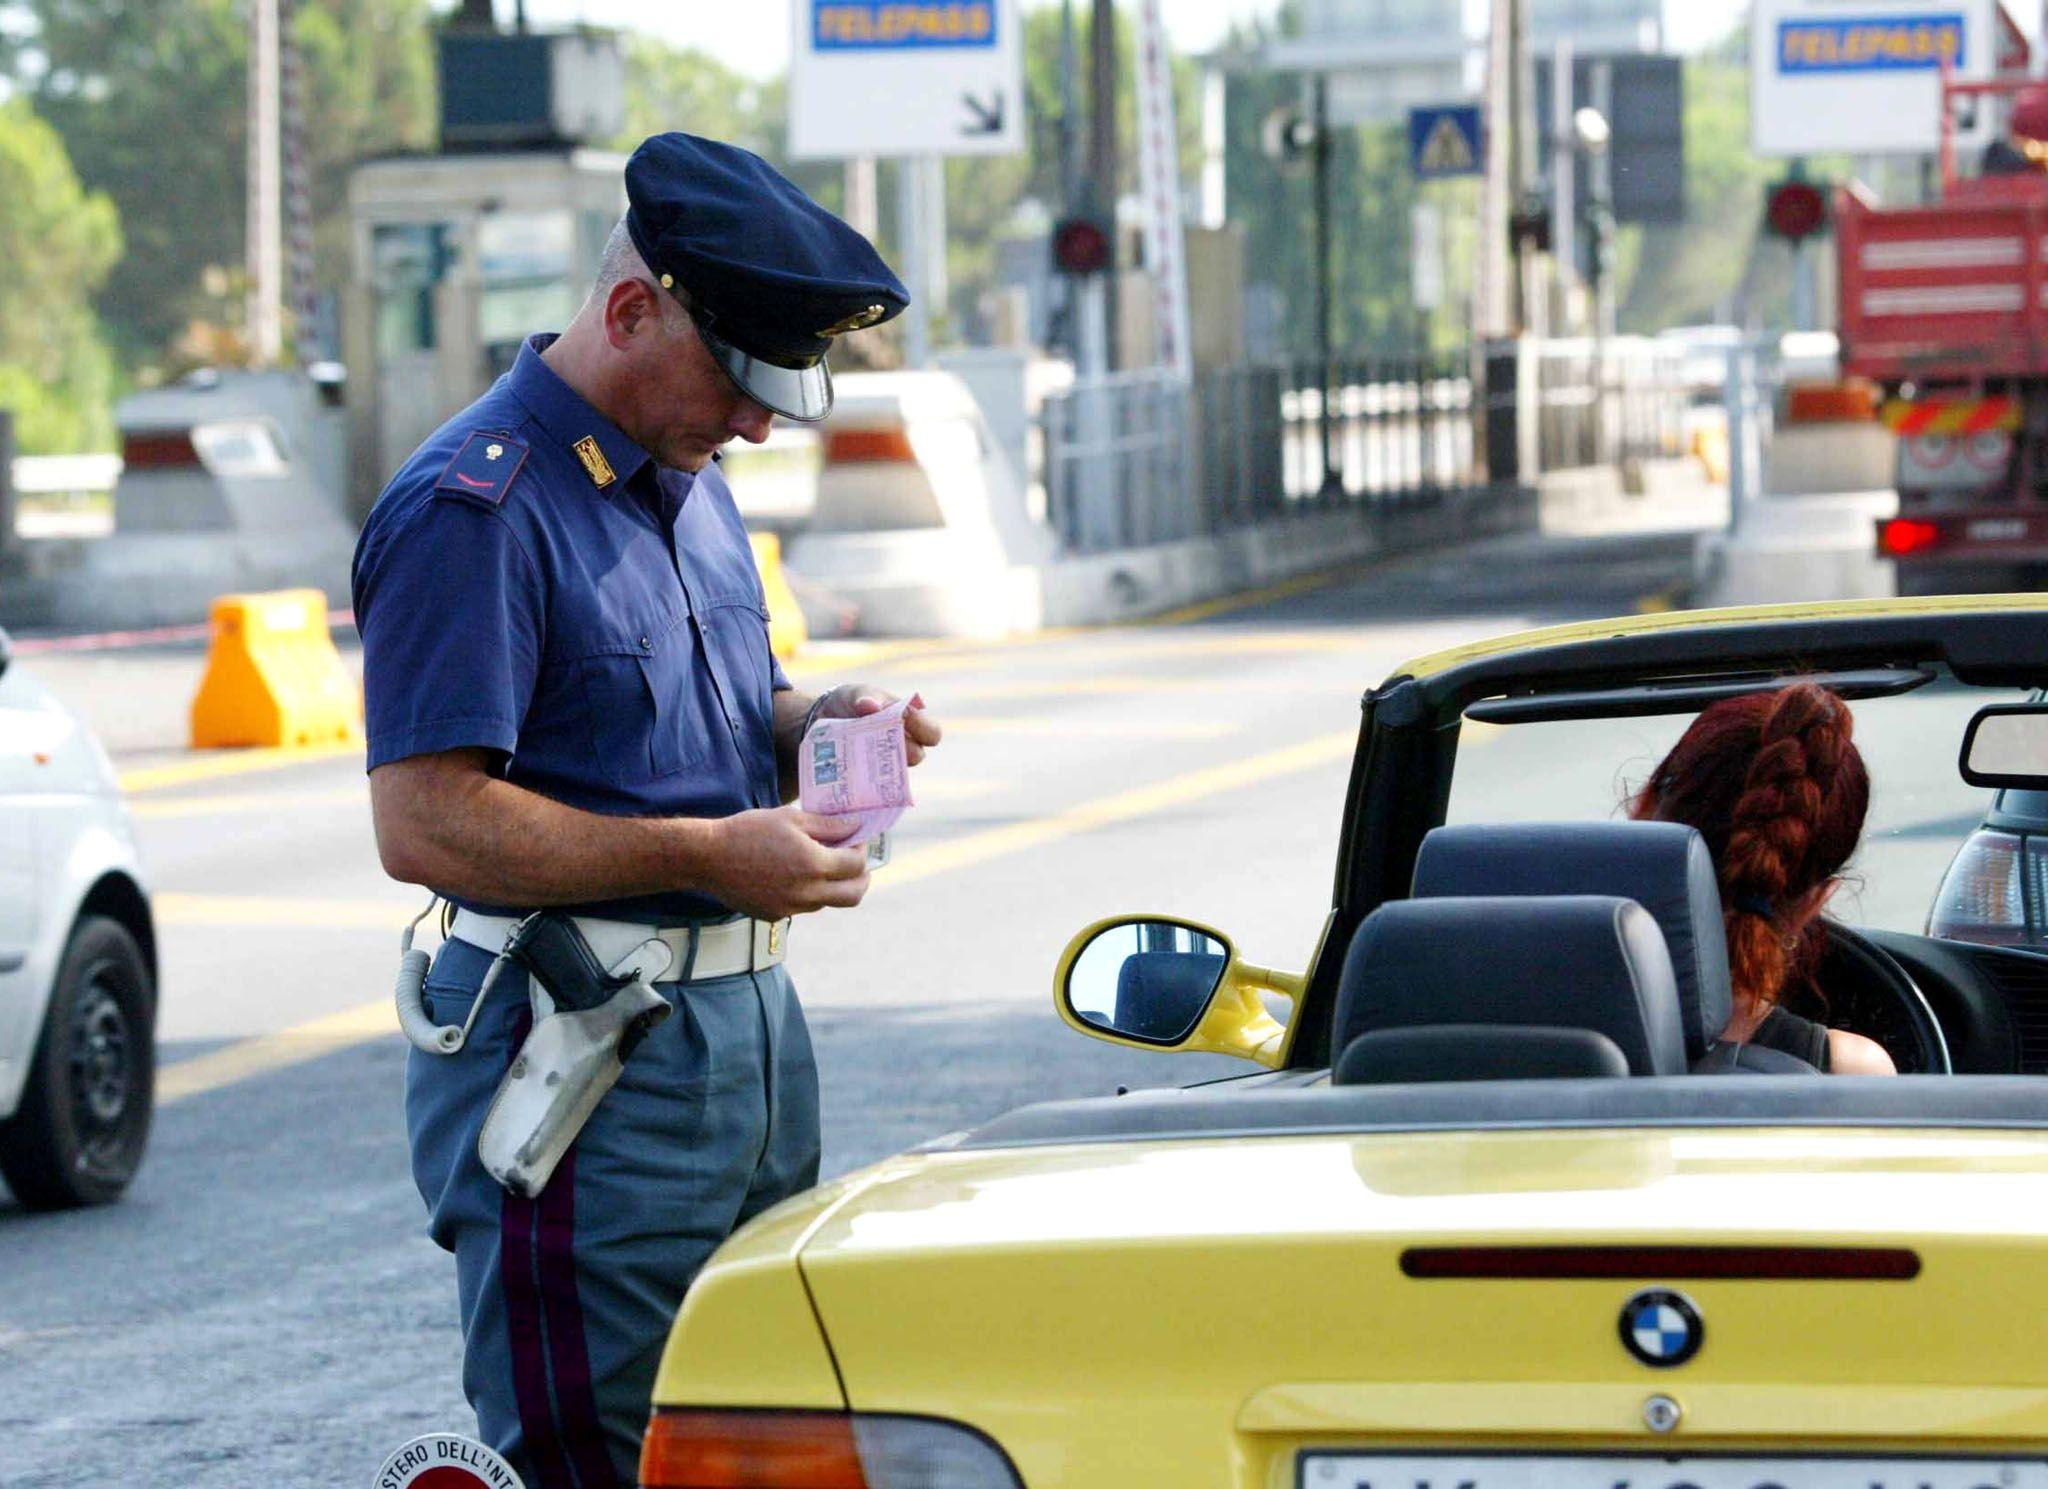 La patente non è più molto importante, lo dicono i diciottenni